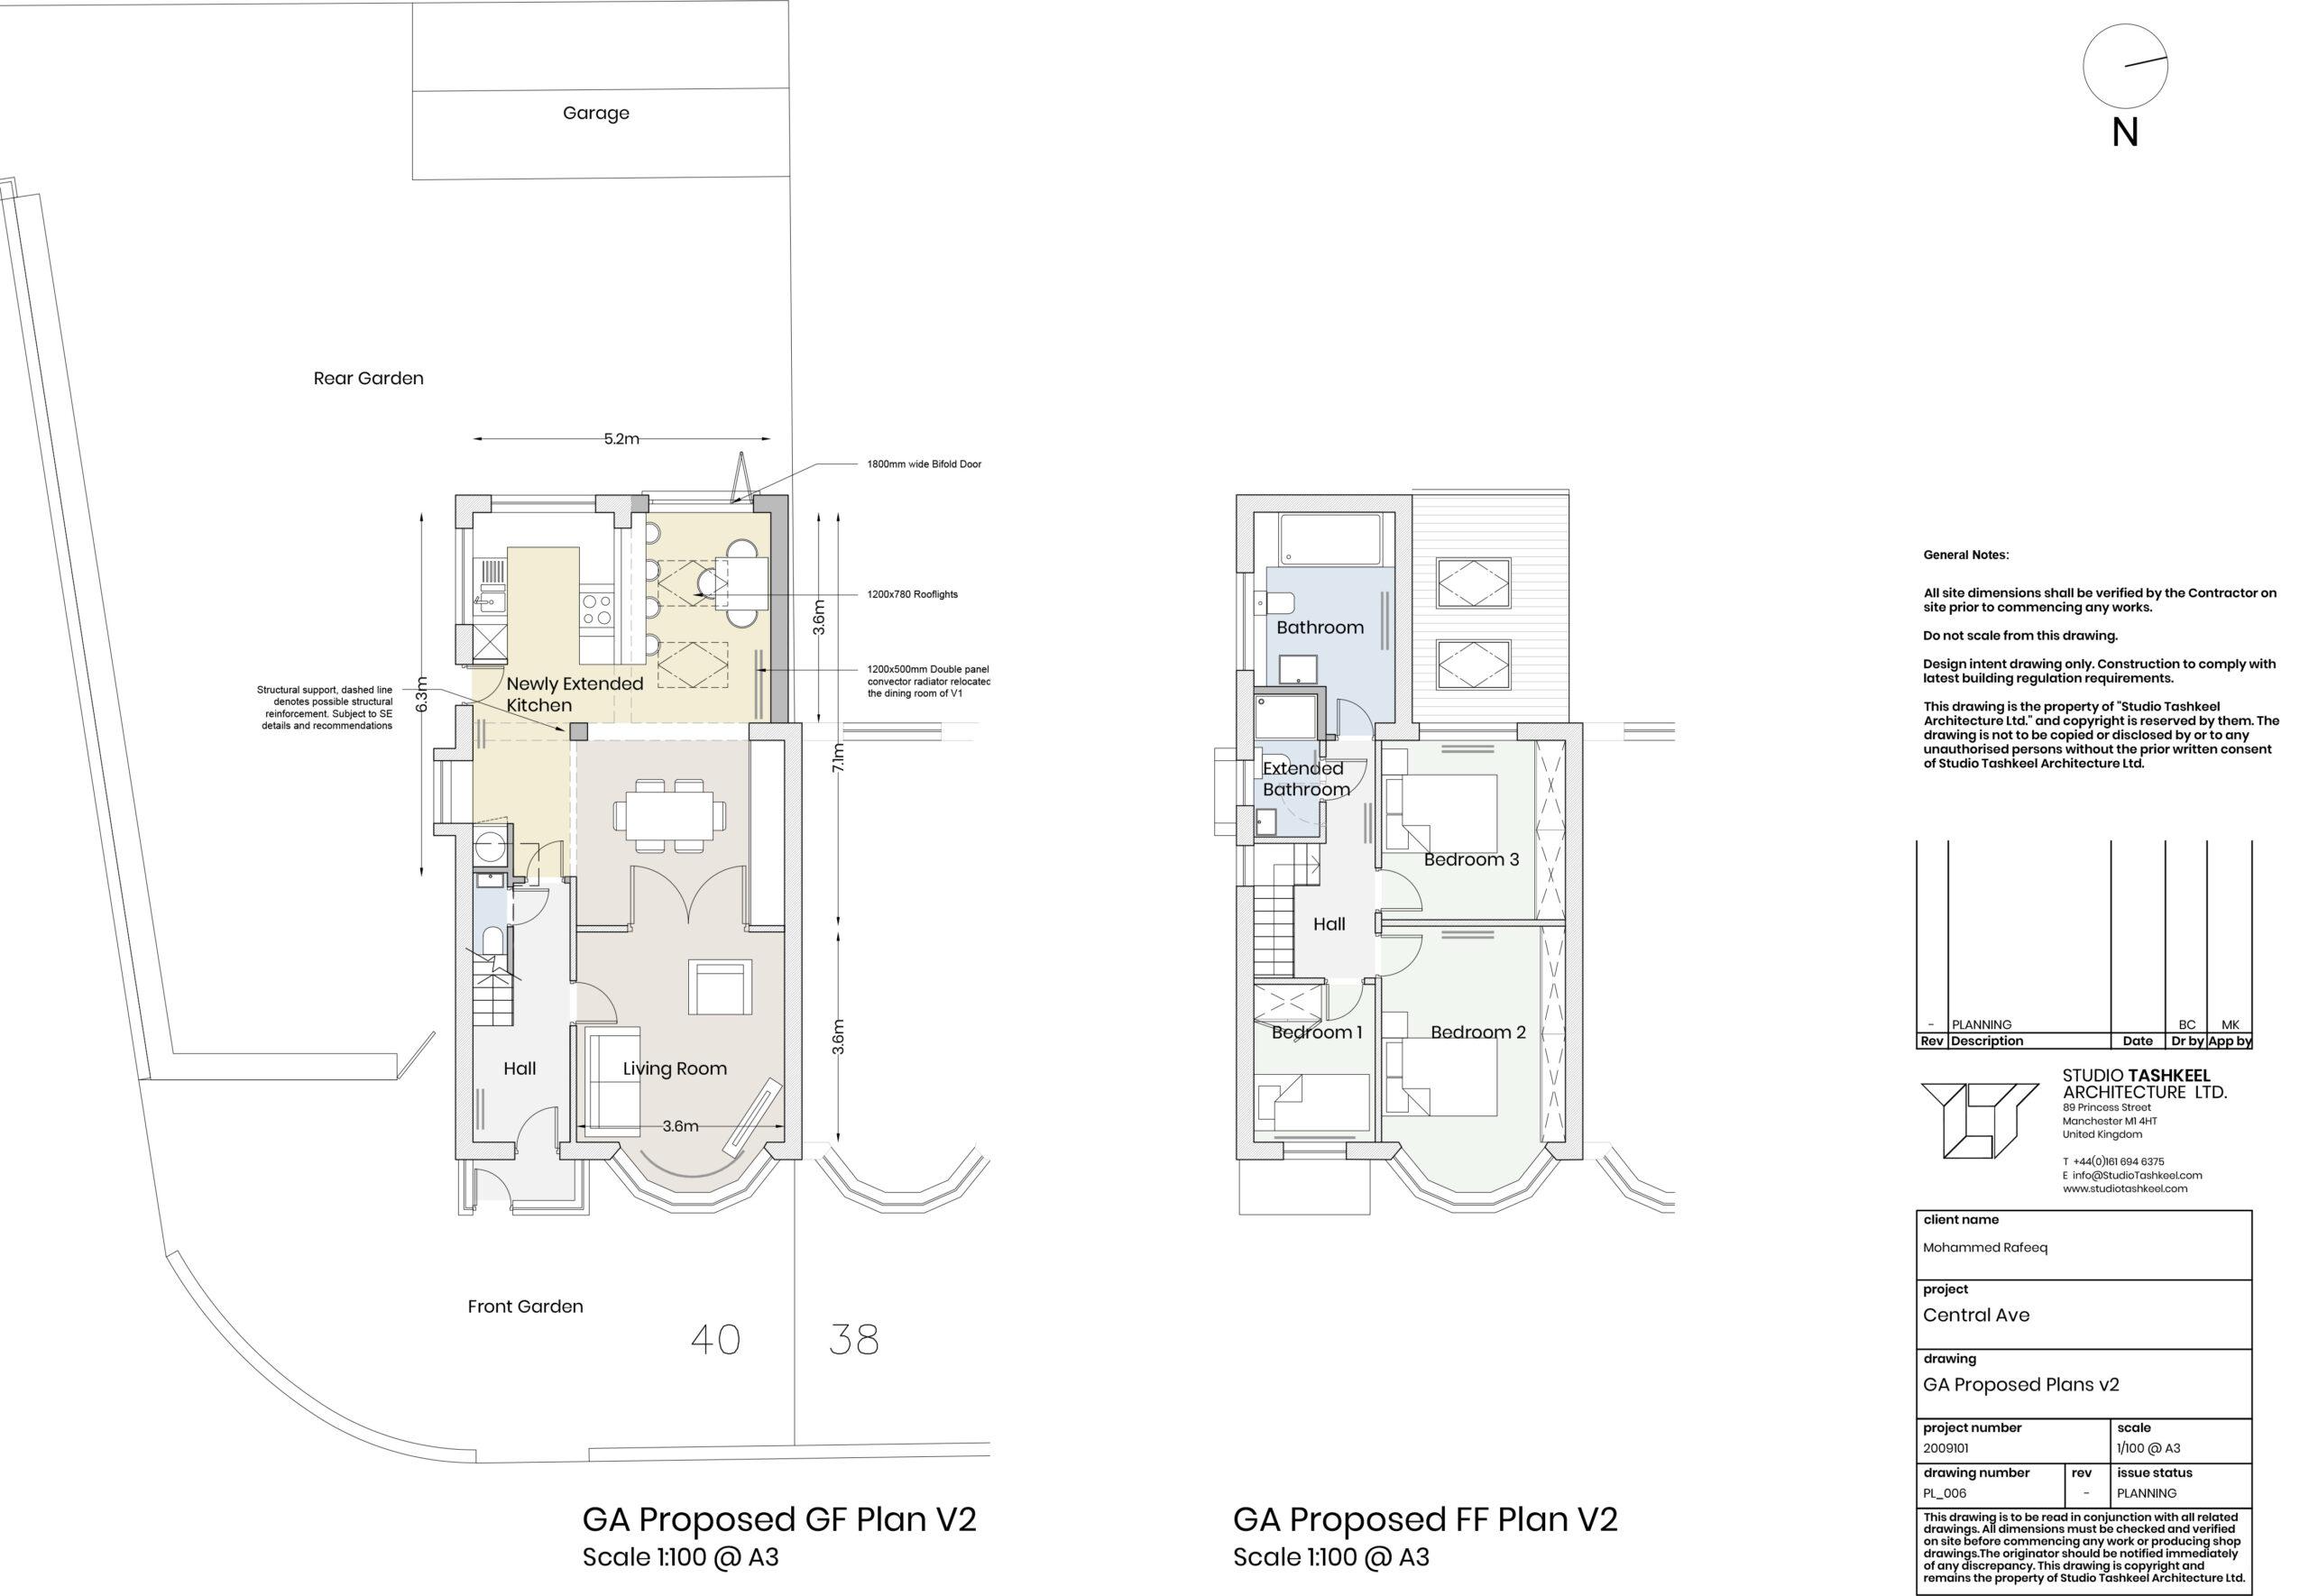 PL006 – GA Proposed Plans V2